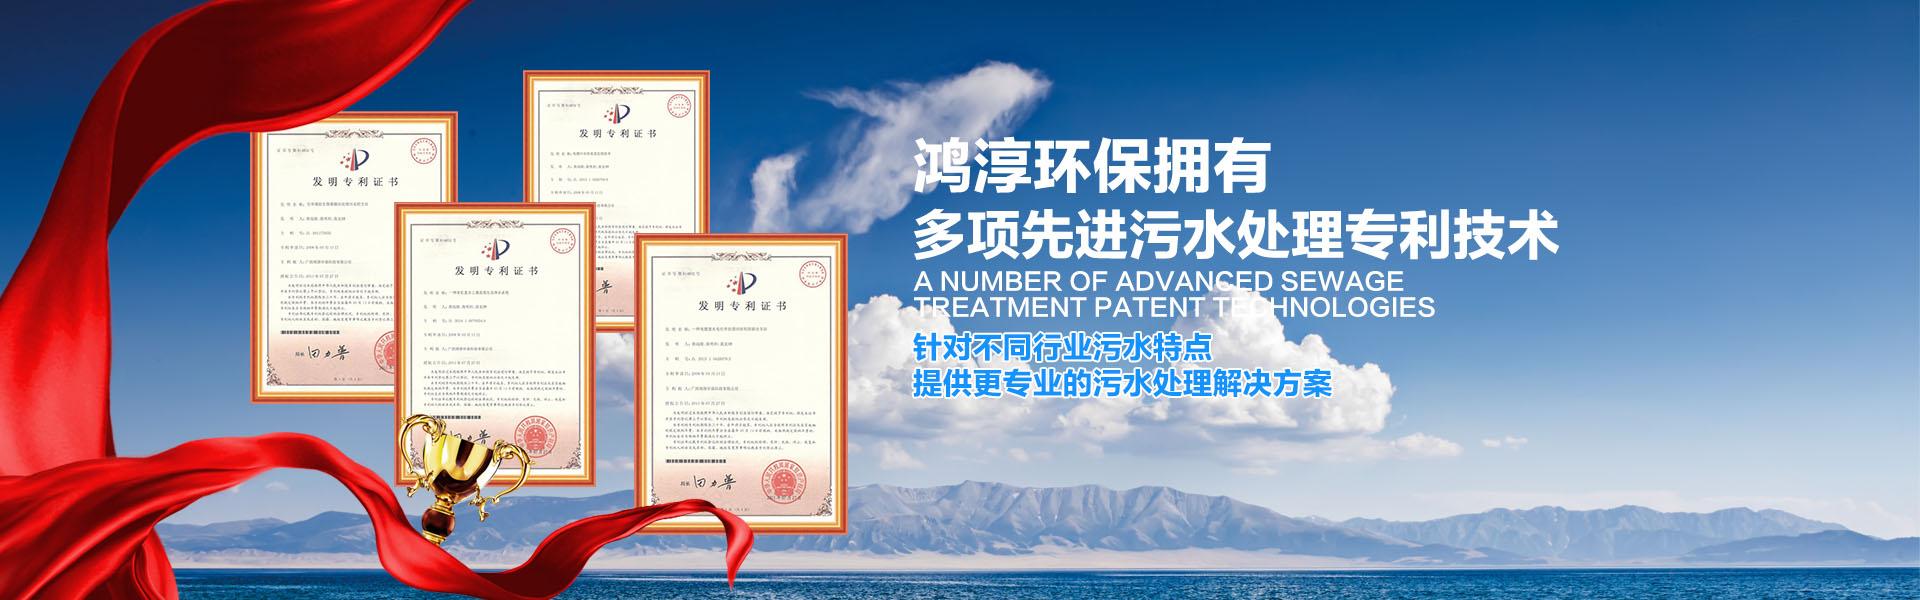 鸿淳拥有多项先进污水处理技术专利_为客户提供更专业更高效的污水处理方案